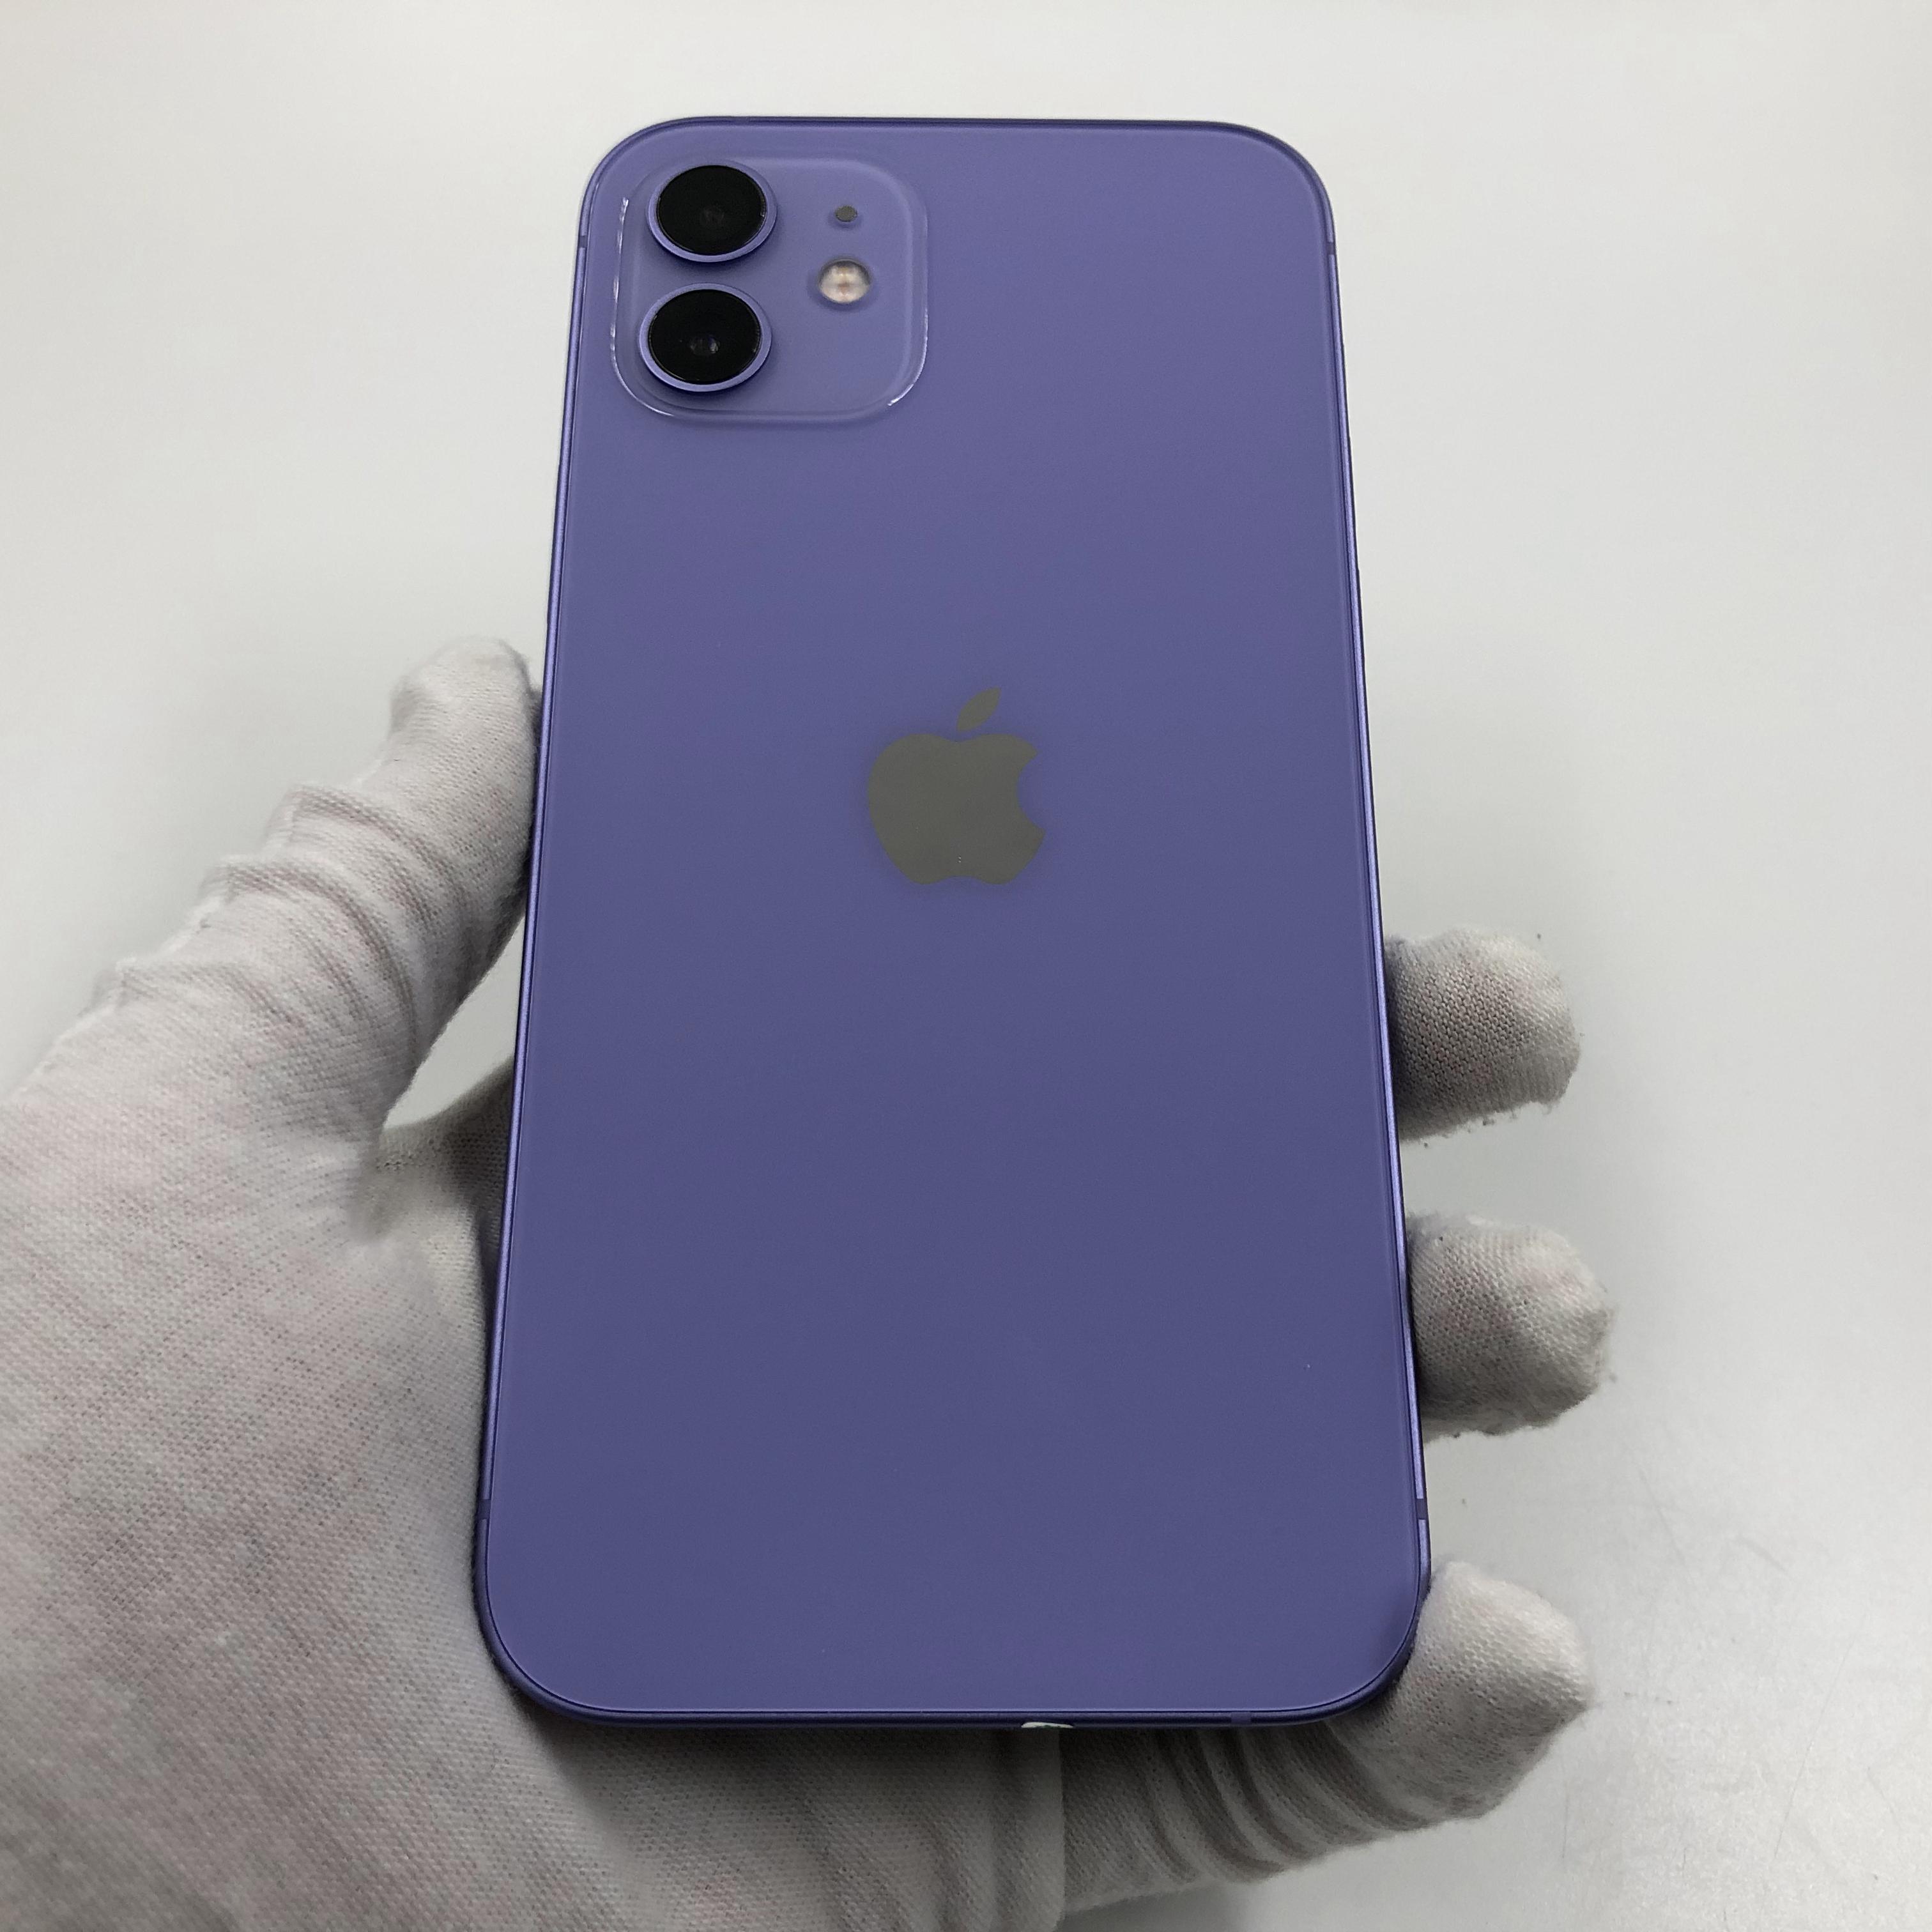 苹果【iPhone 12】5G全网通 紫色 128G 国行 95新 真机实拍官保2021-7-31